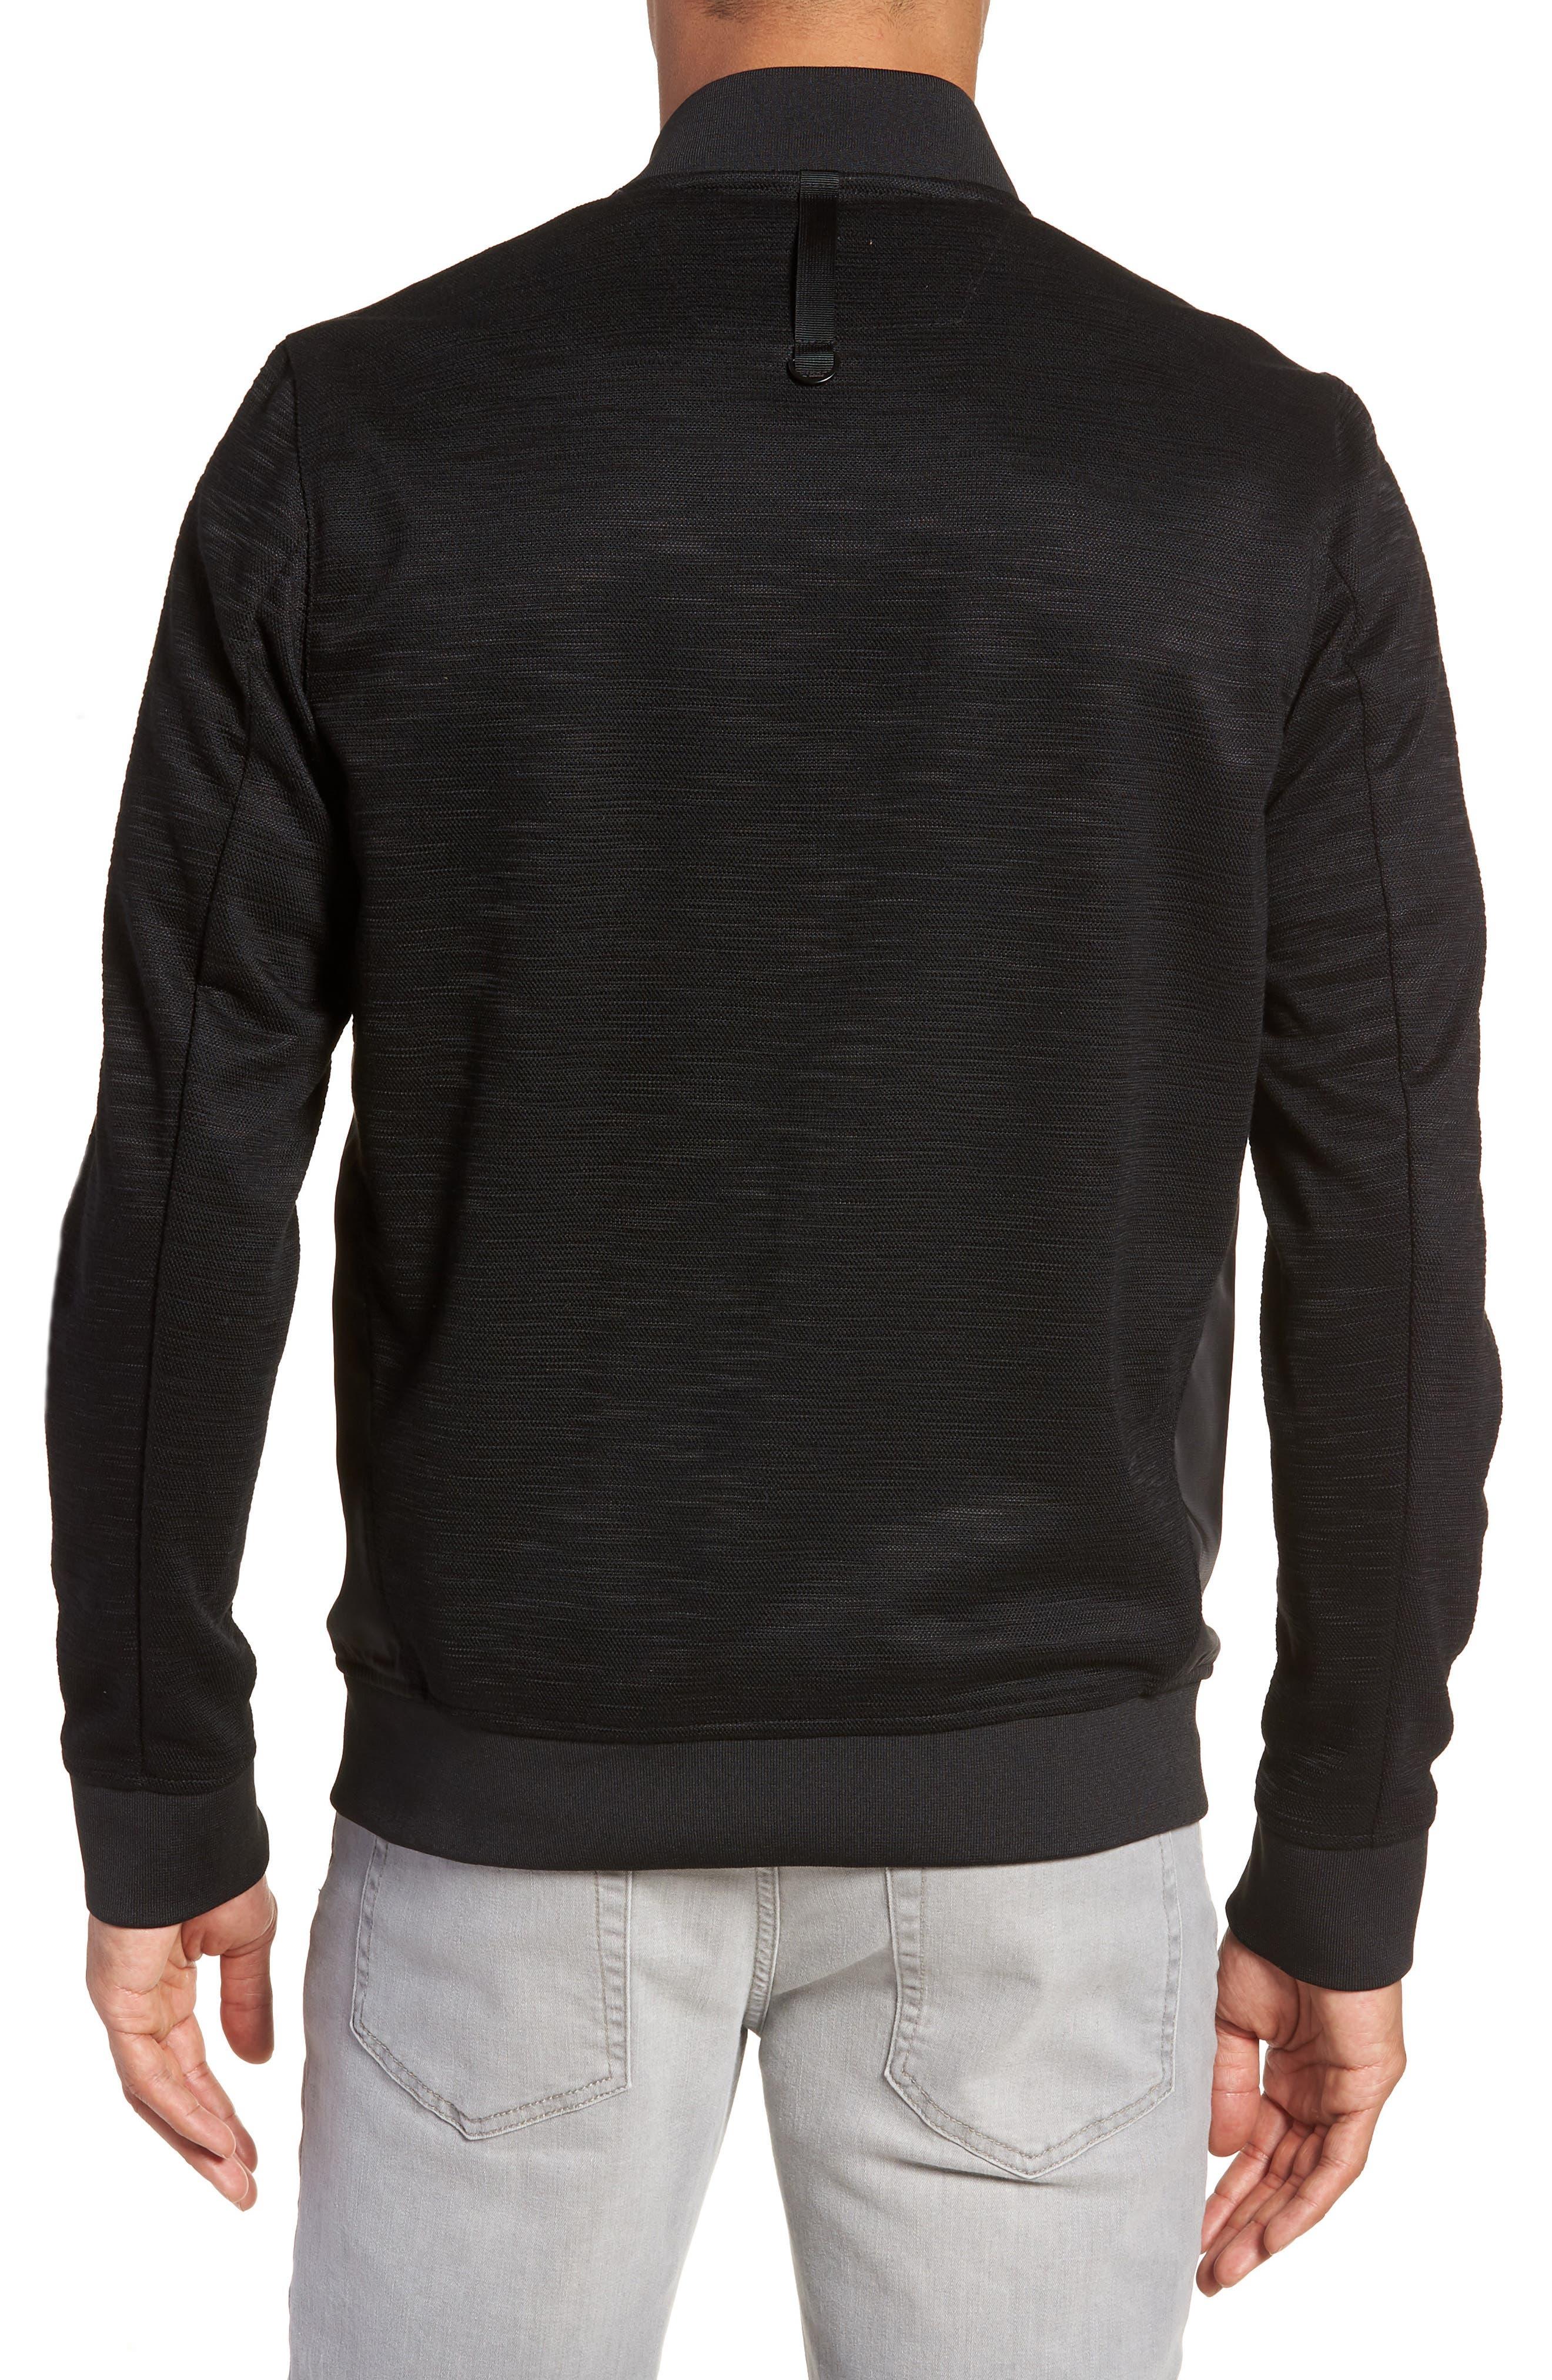 Gesso Slim Fit Bomber Jacket,                             Alternate thumbnail 2, color,                             Black